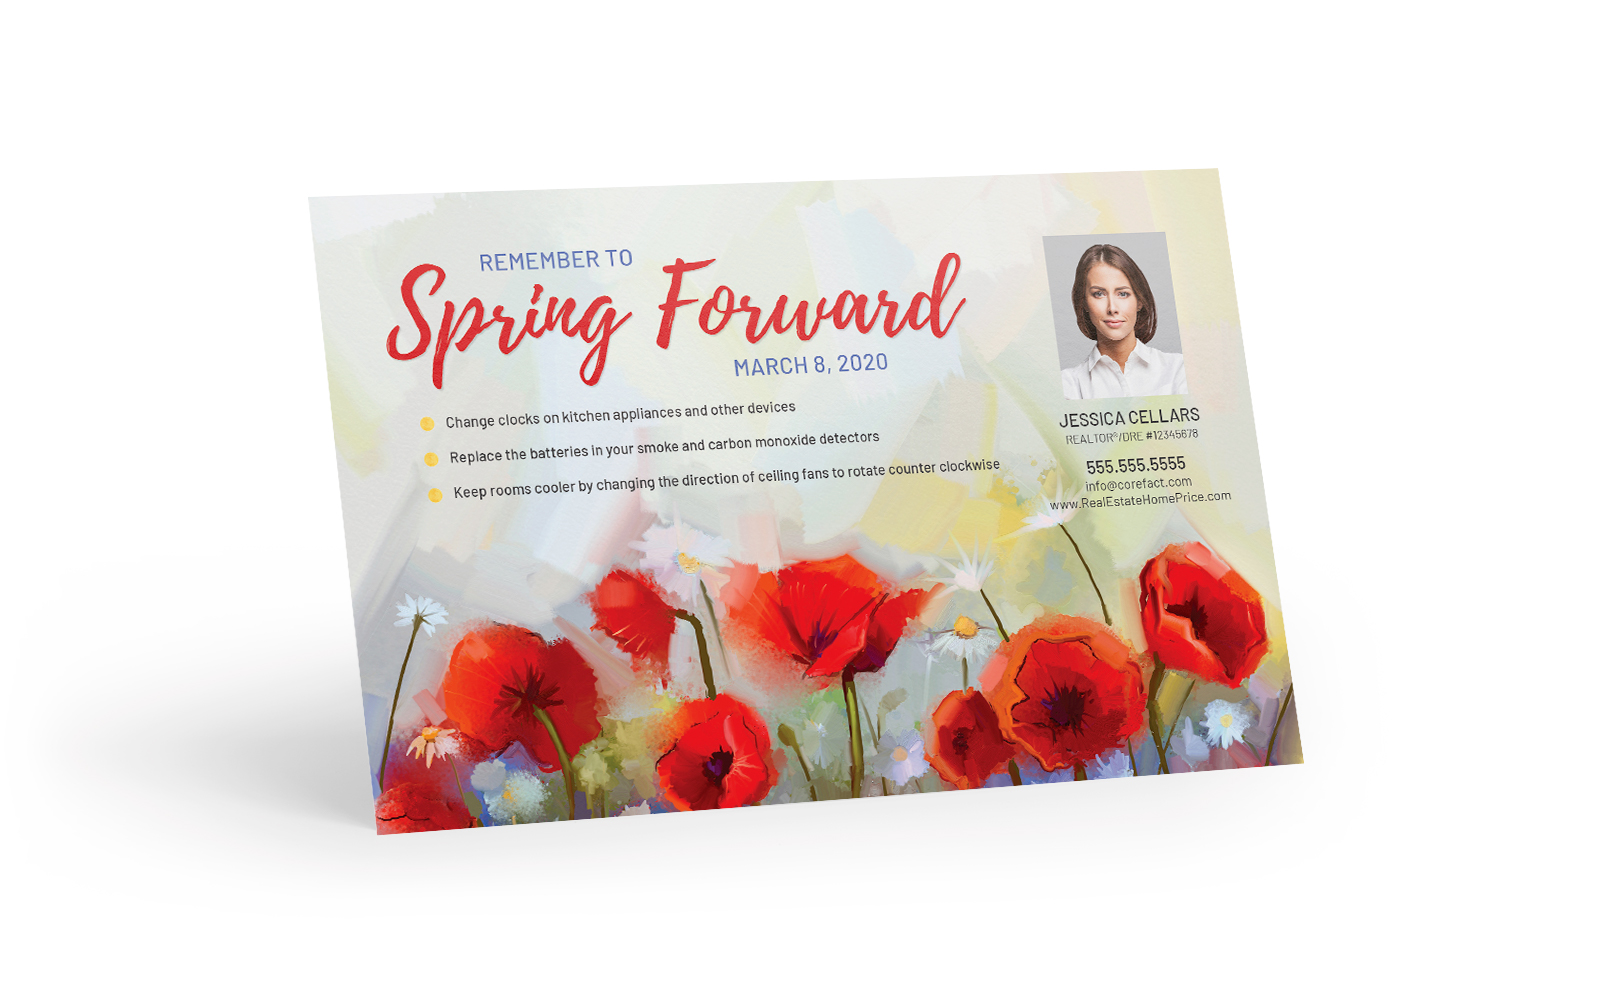 Corefact Seasonal - Spring Forward Reminder